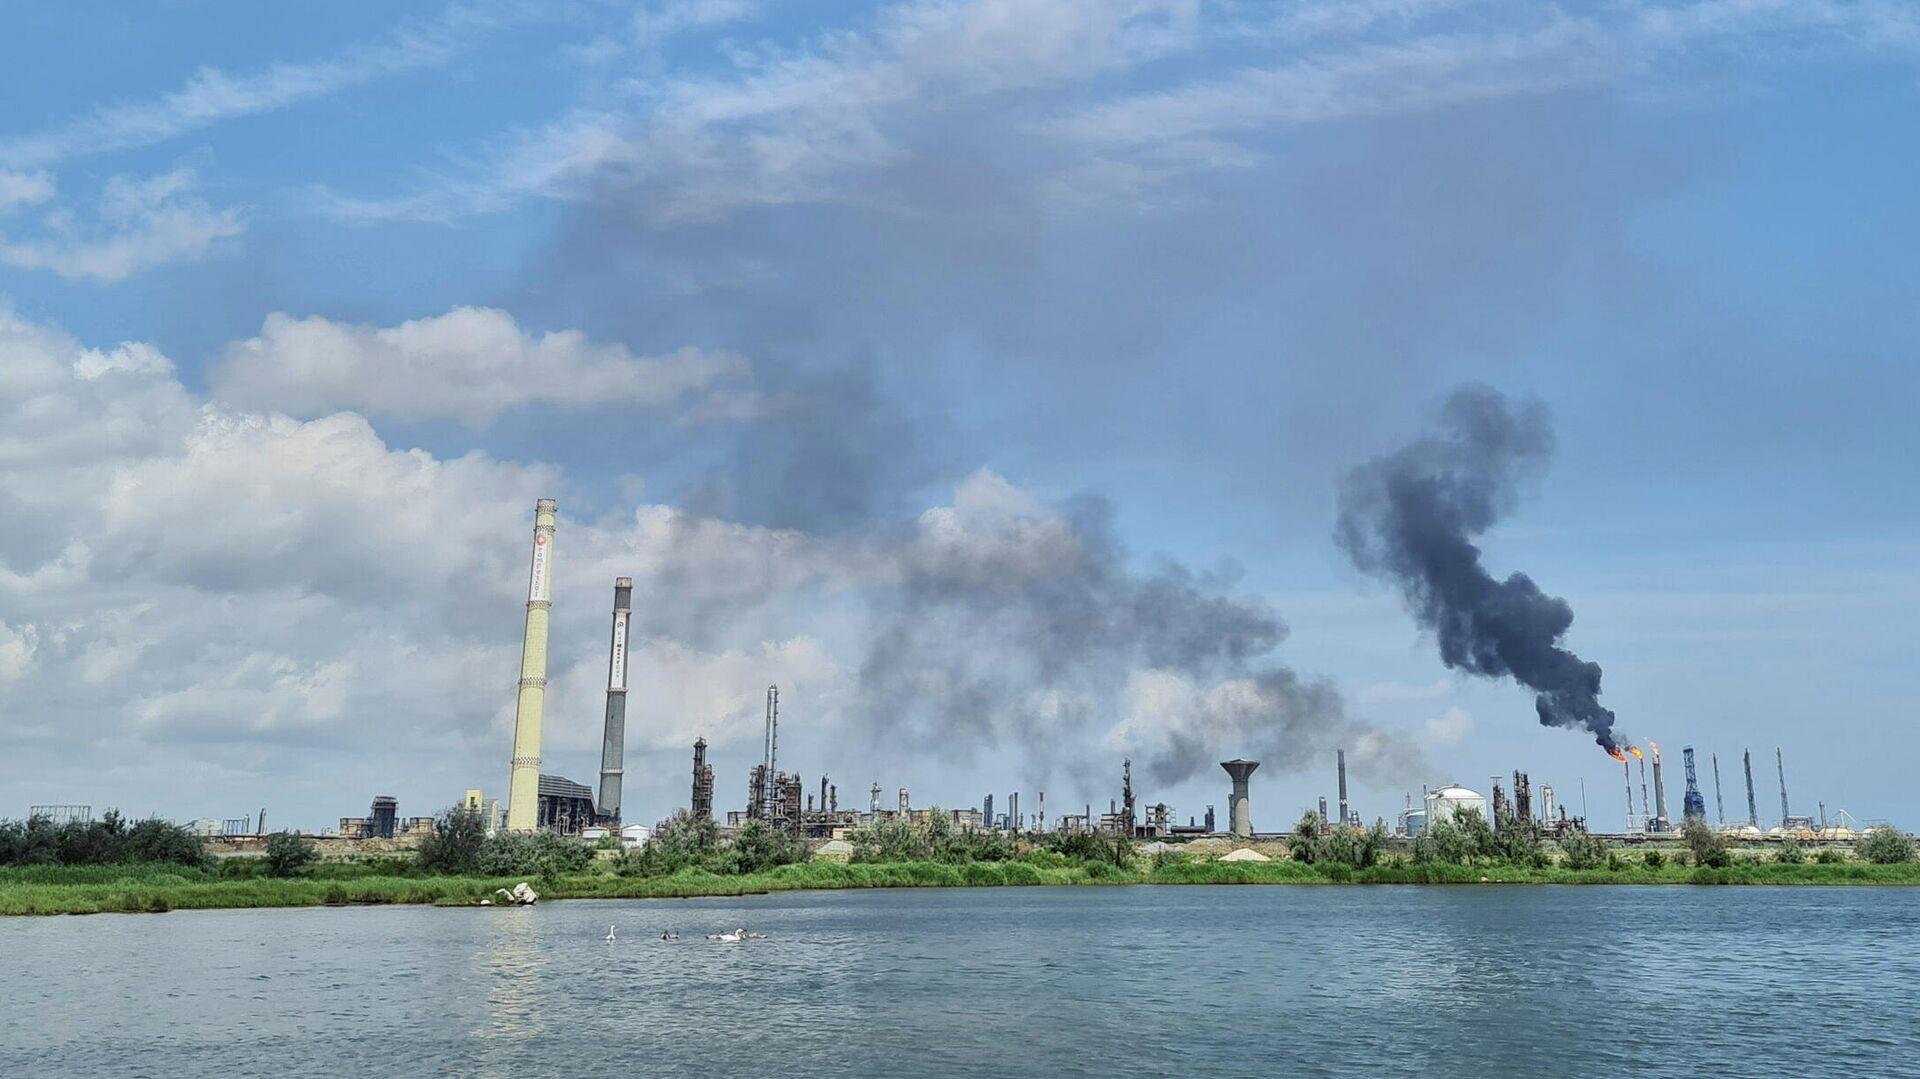 Взрыв на нефтеперерабатывающем заводе Petromidia в Румынии - РИА Новости, 1920, 02.07.2021